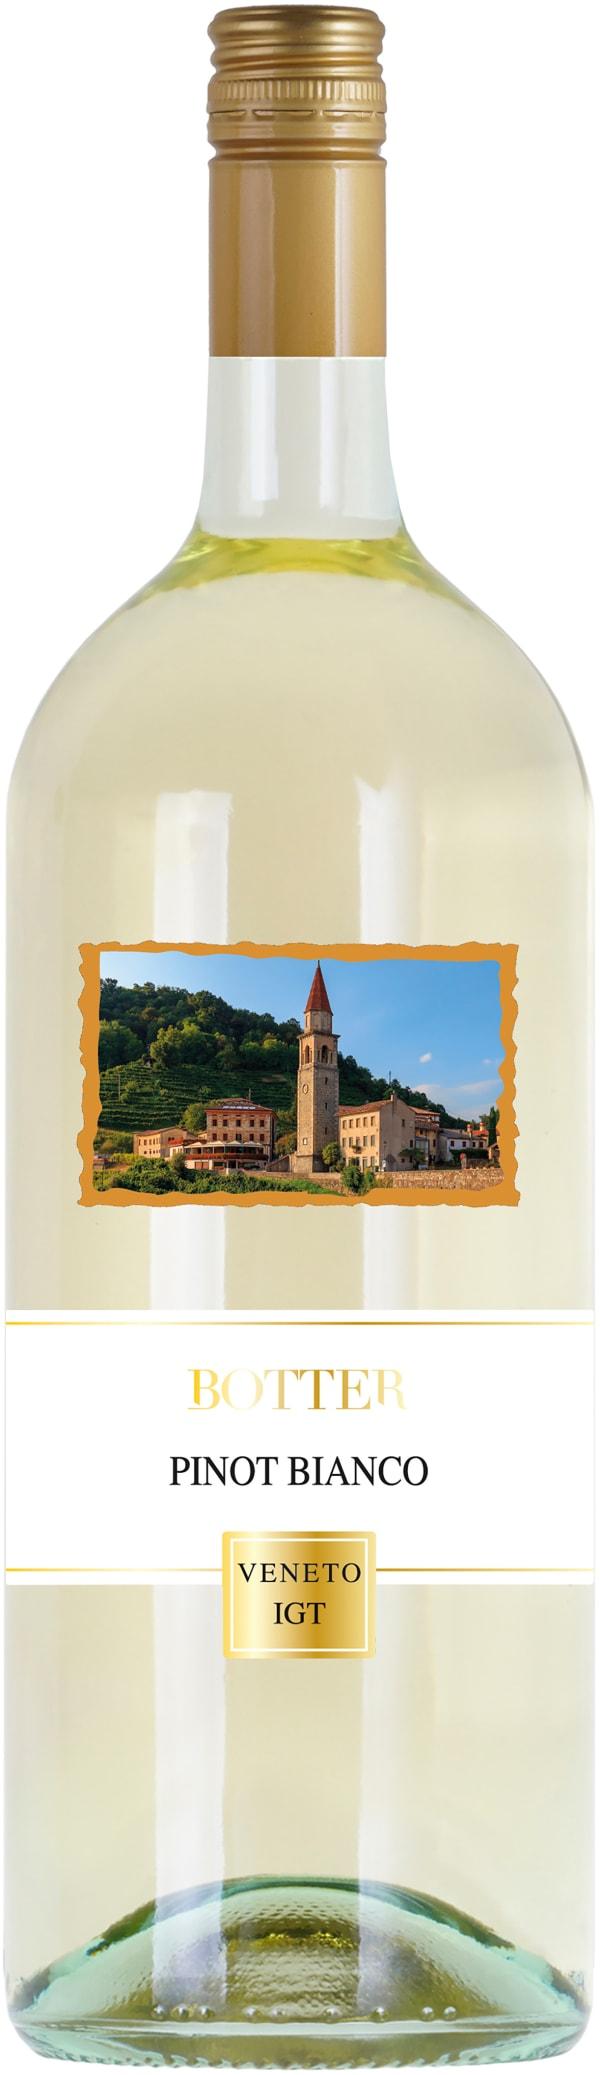 Botter Pinot Bianco 2018